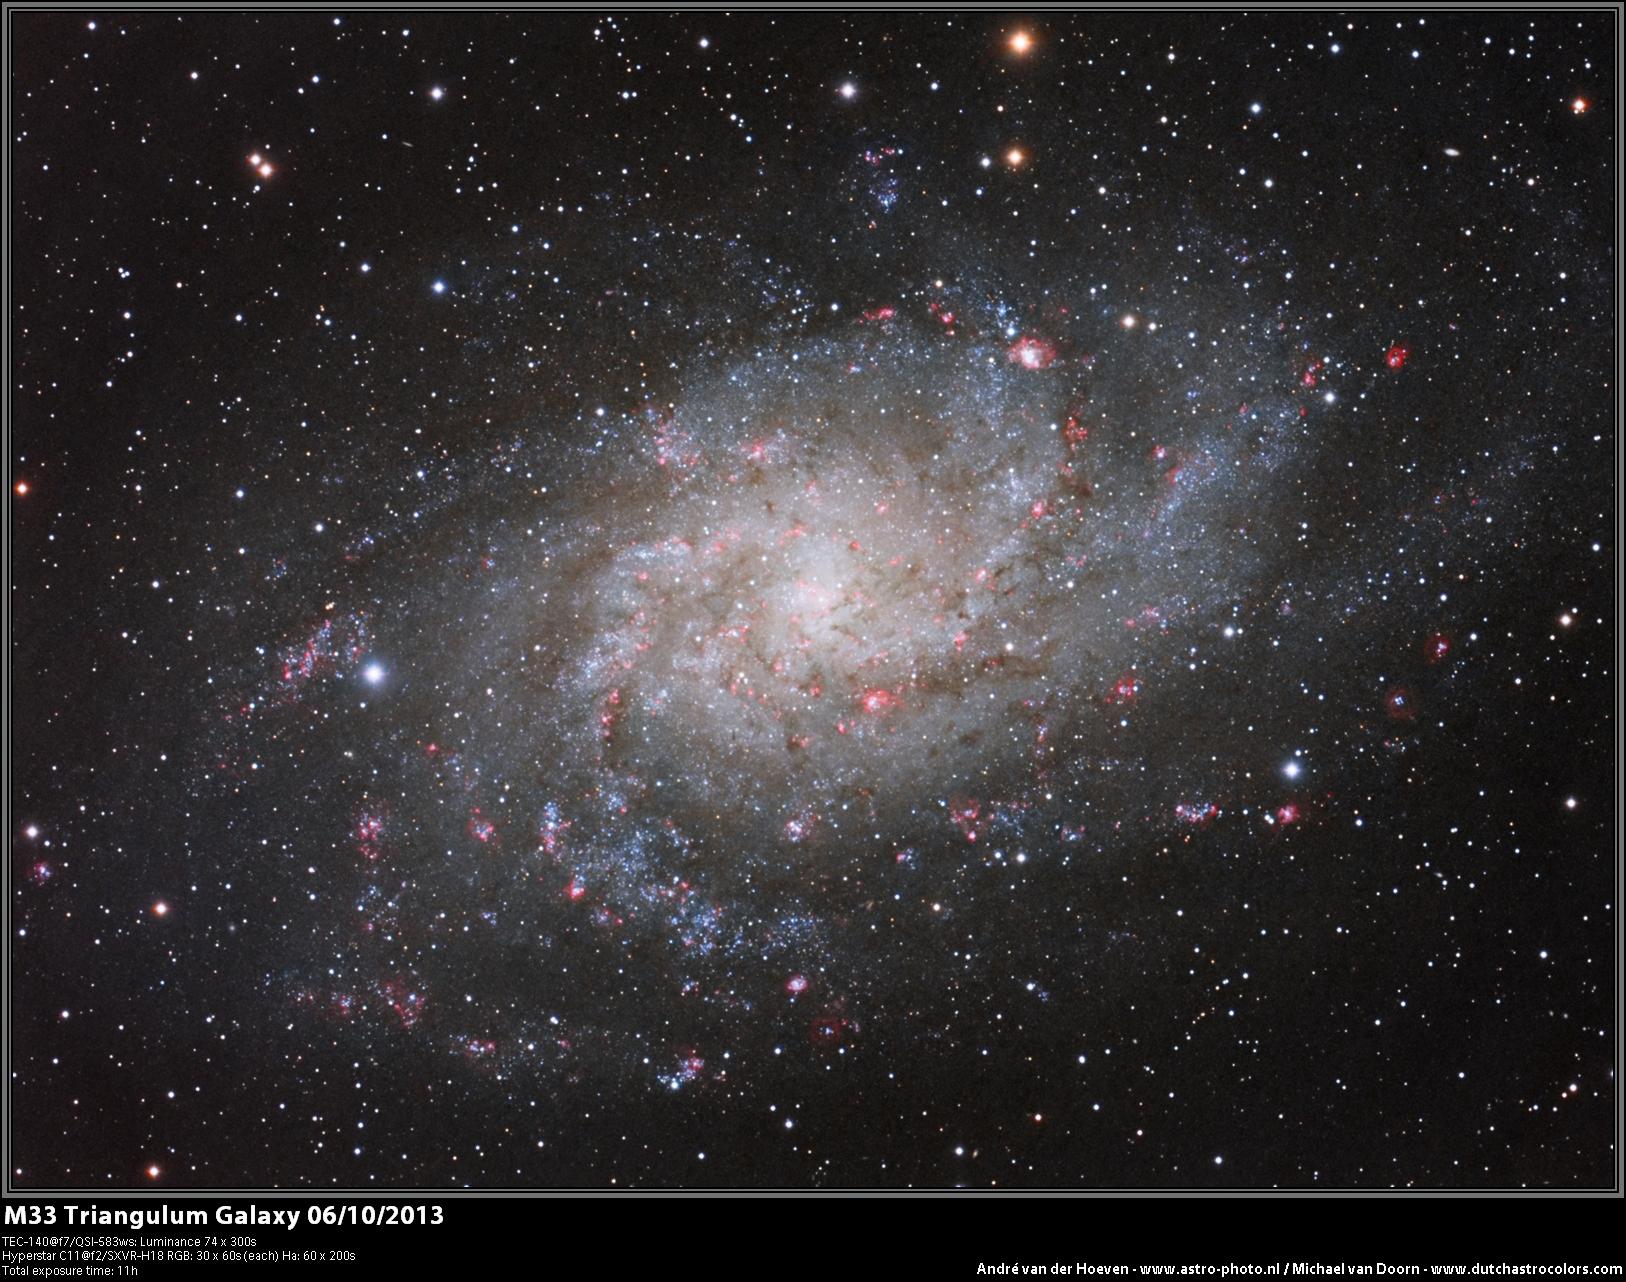 Triangulum Galaxy by André van der Hoeven and Michael van Doorn